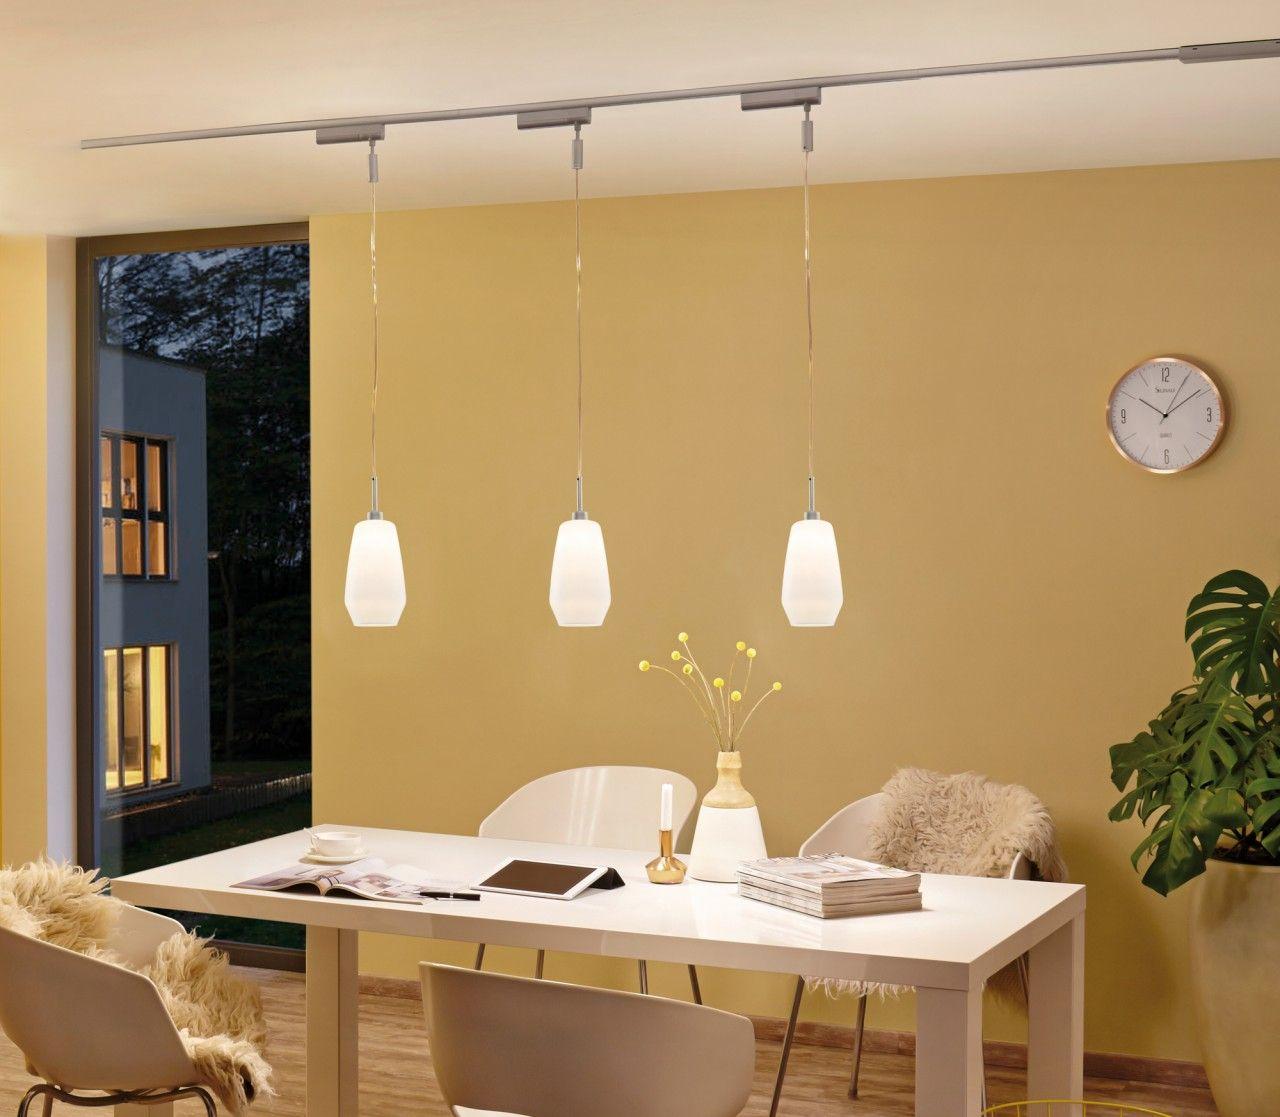 Die Richtige Beleuchtung Für Den Esstisch: Mit Dem Lampen System Von  Paulmann Bist Du